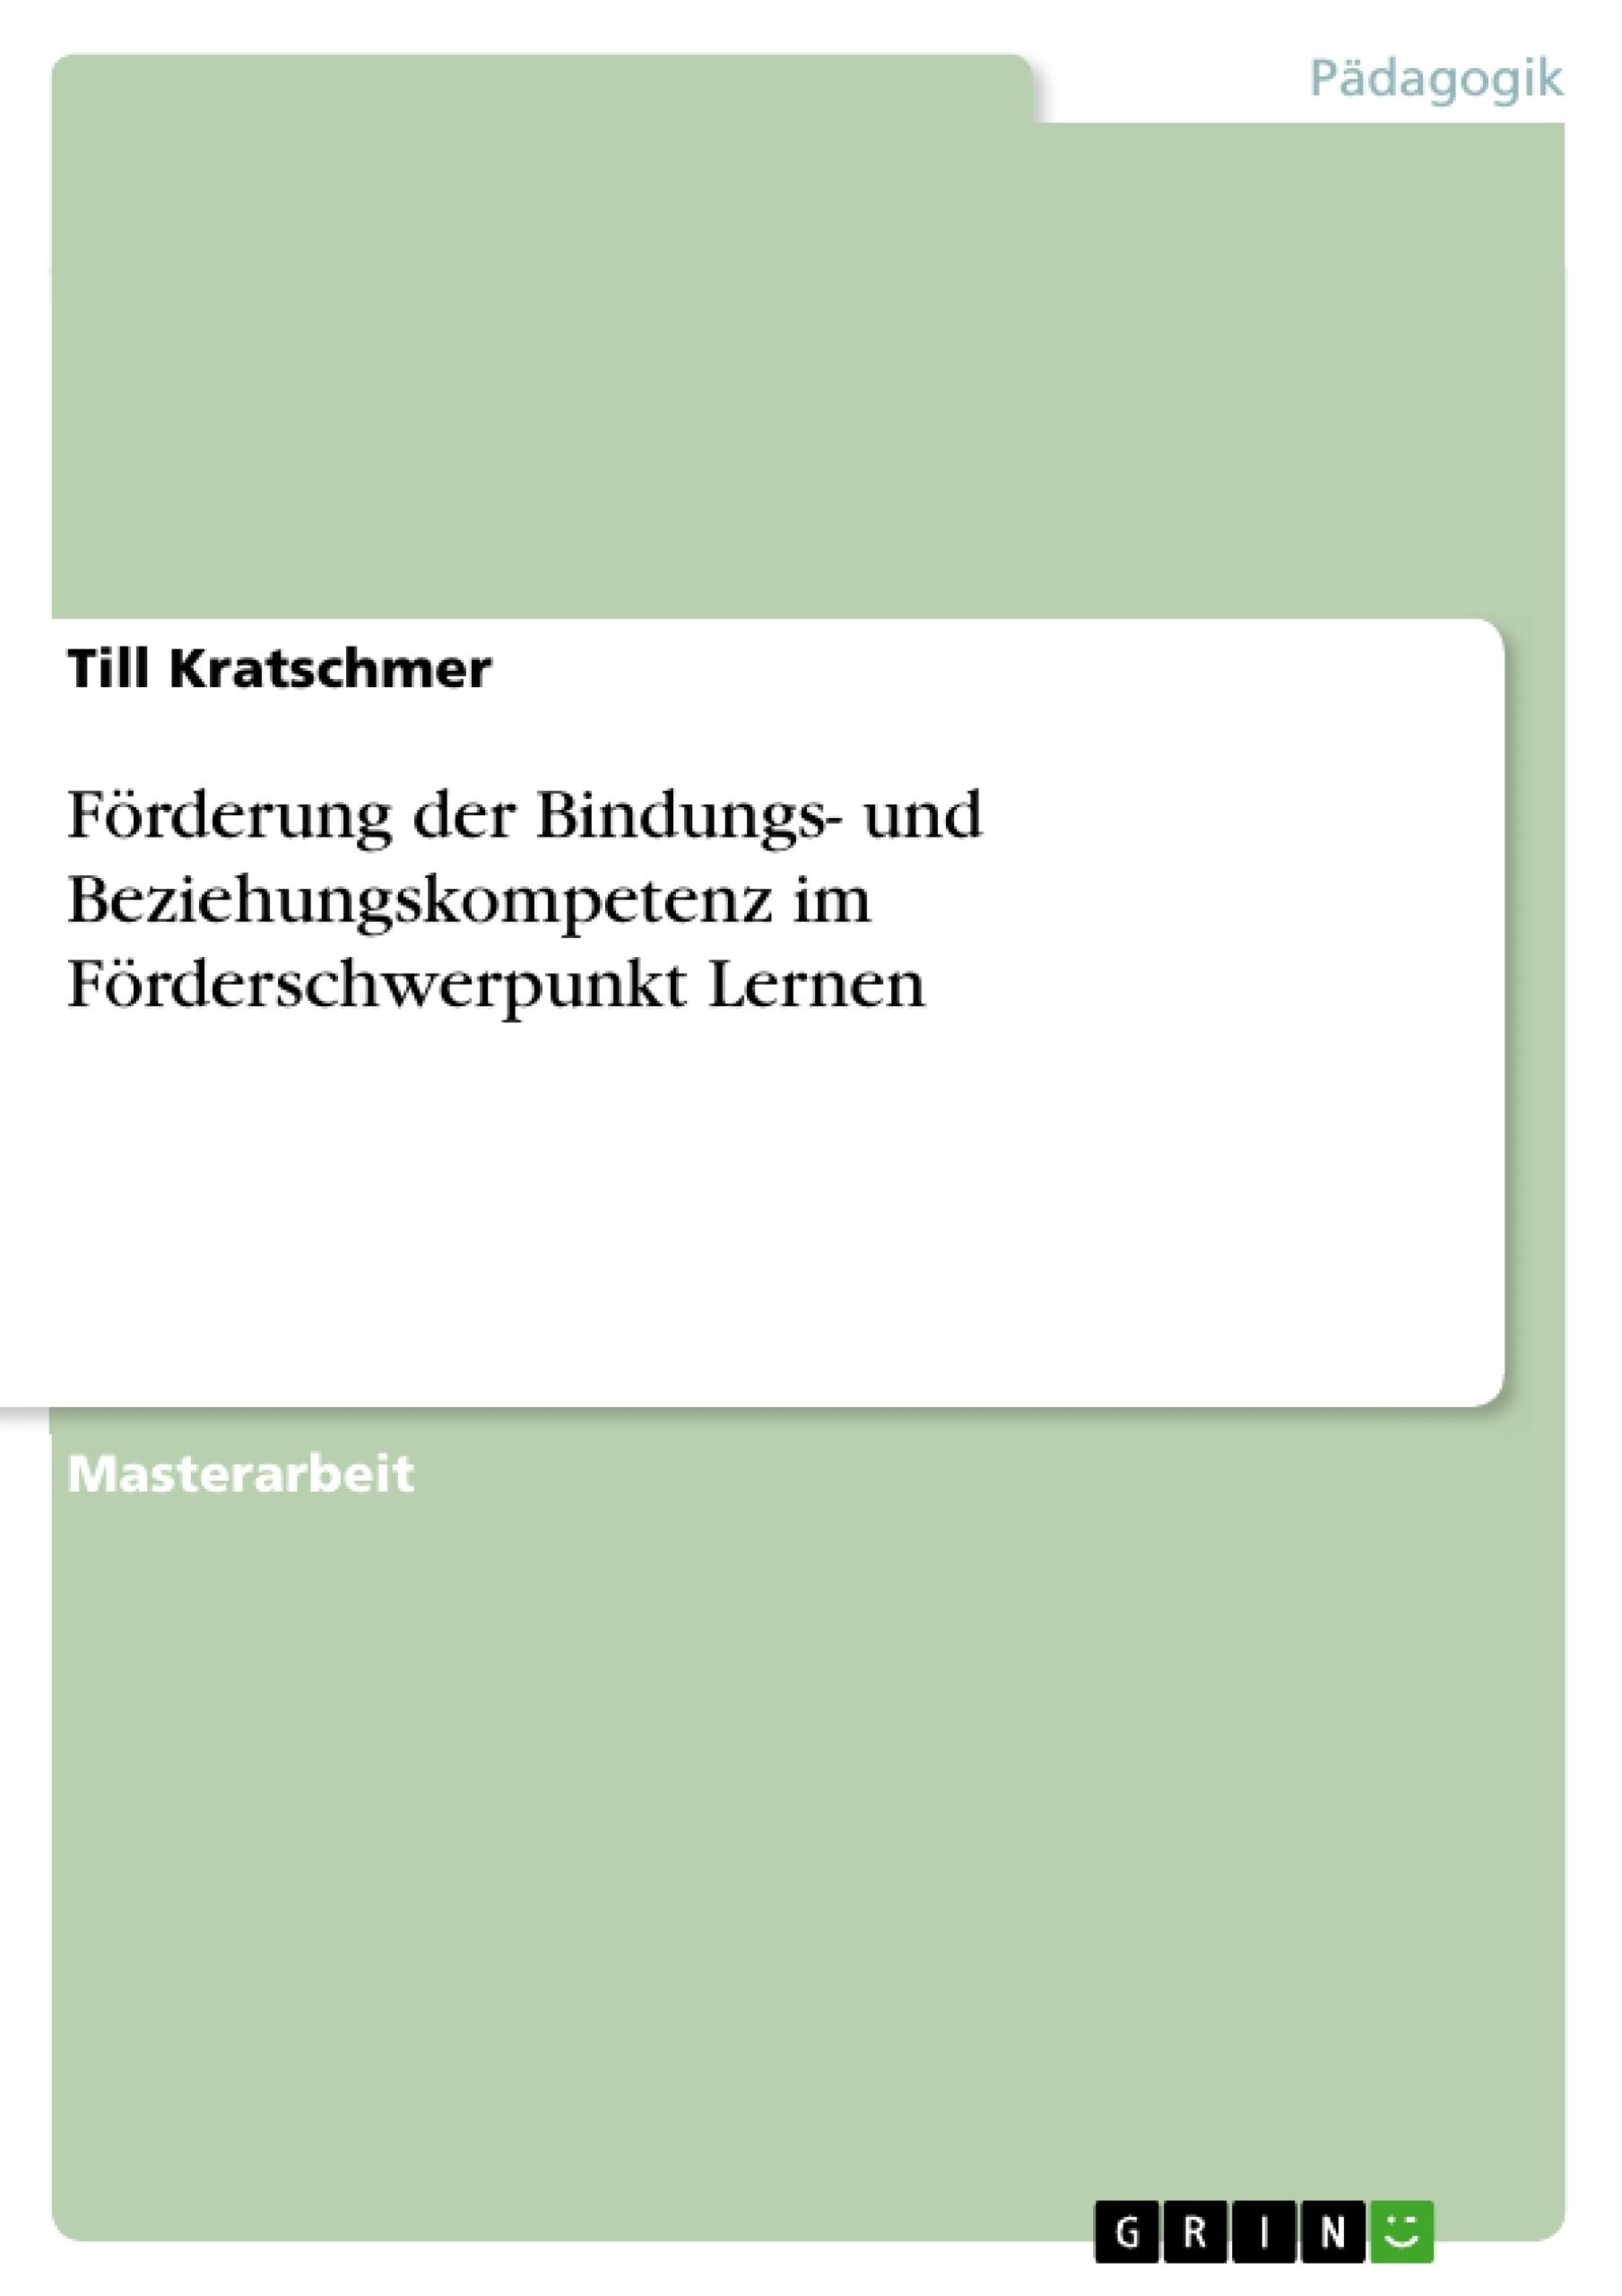 Titel: Förderung der Bindungs- und Beziehungskompetenz im Förderschwerpunkt Lernen